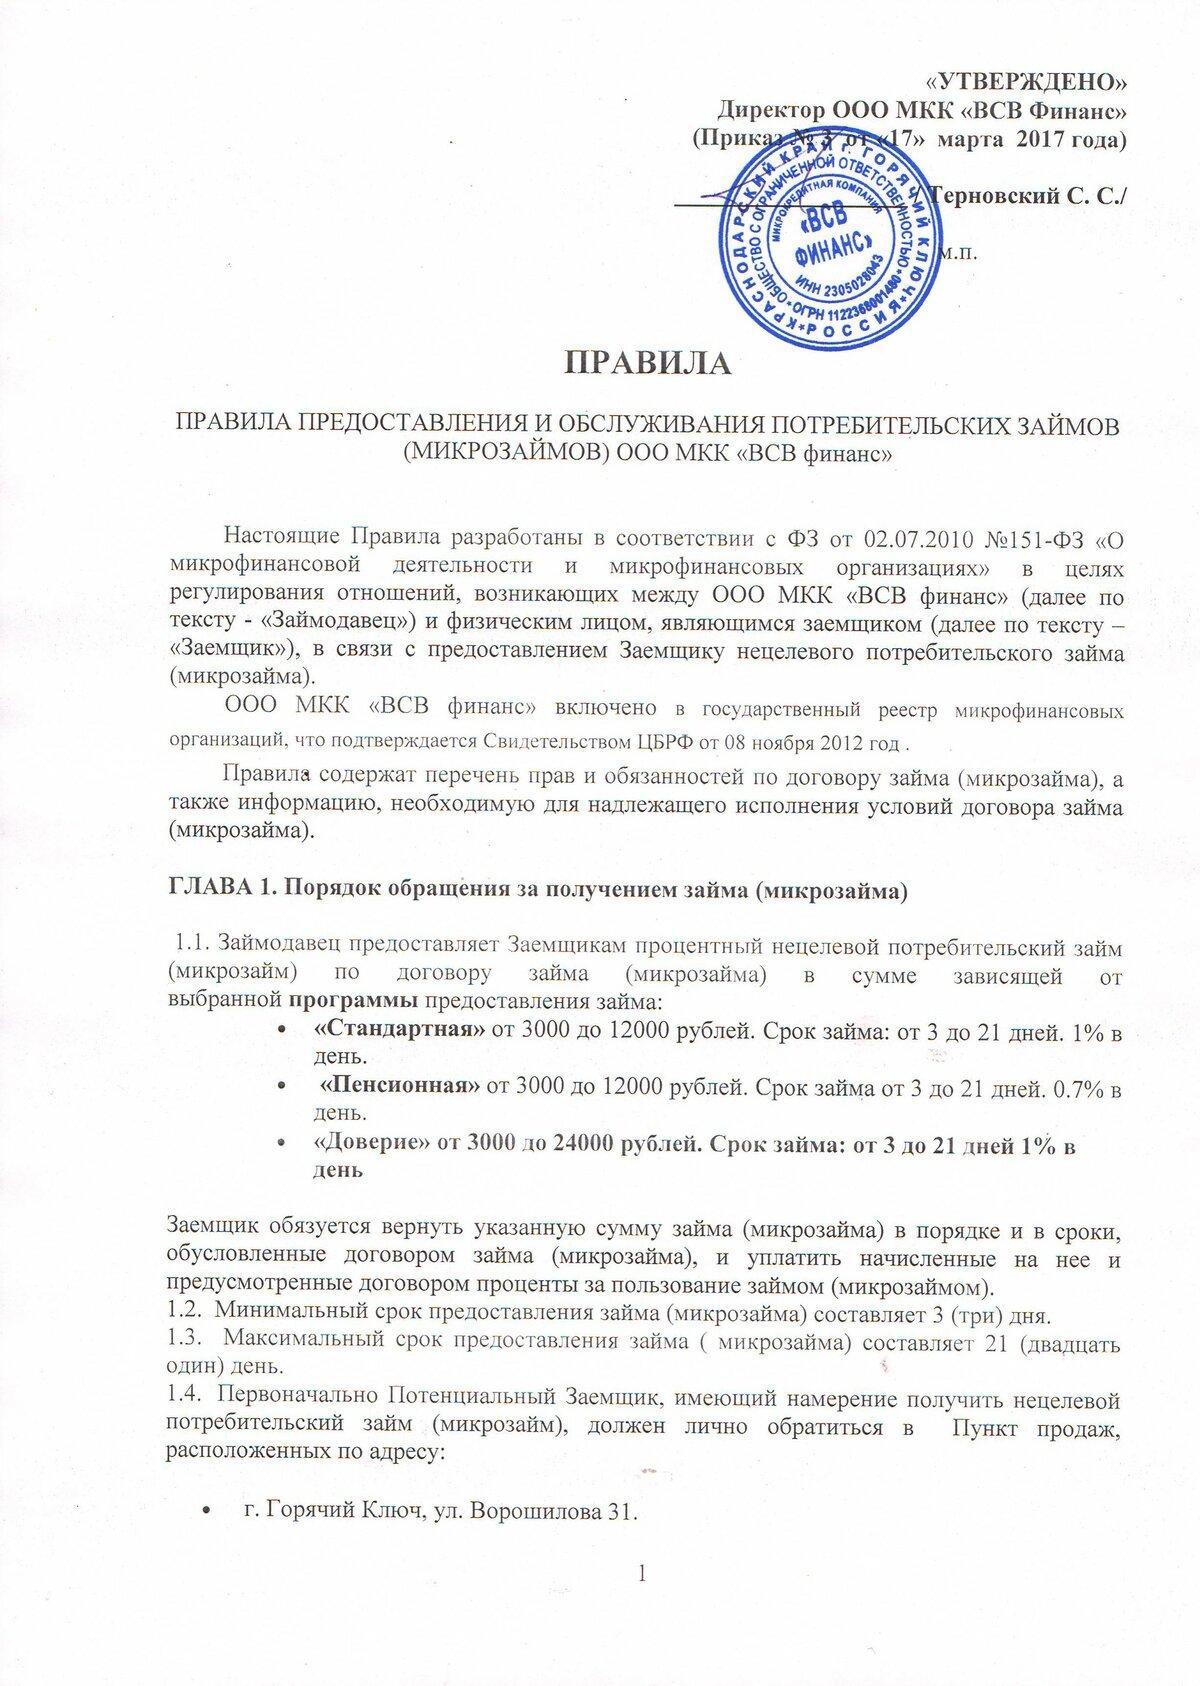 Как обменять бонусы на интернет мтс украина